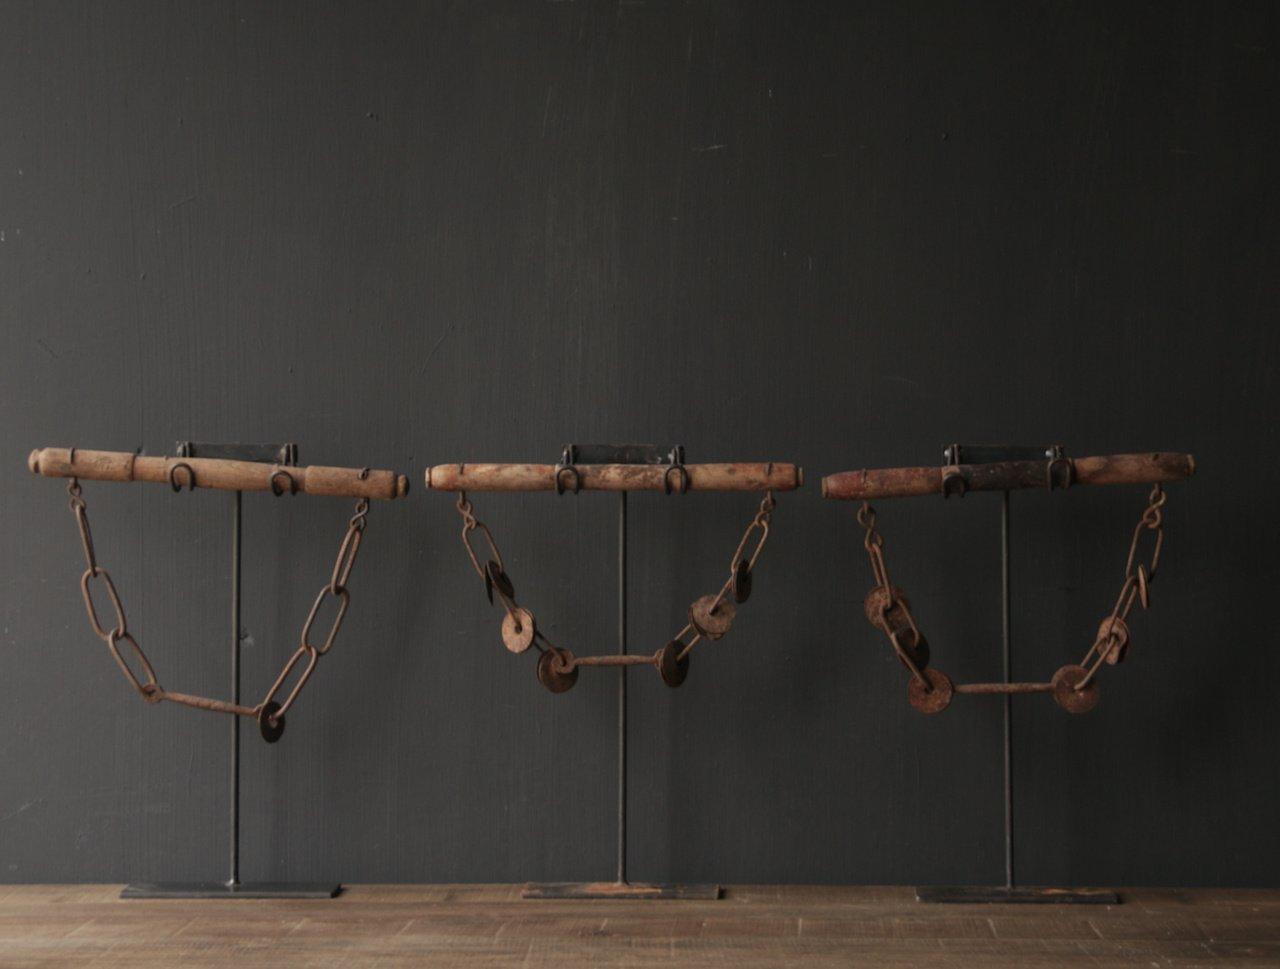 Onderdeel van Kamelen tuig op stander-5